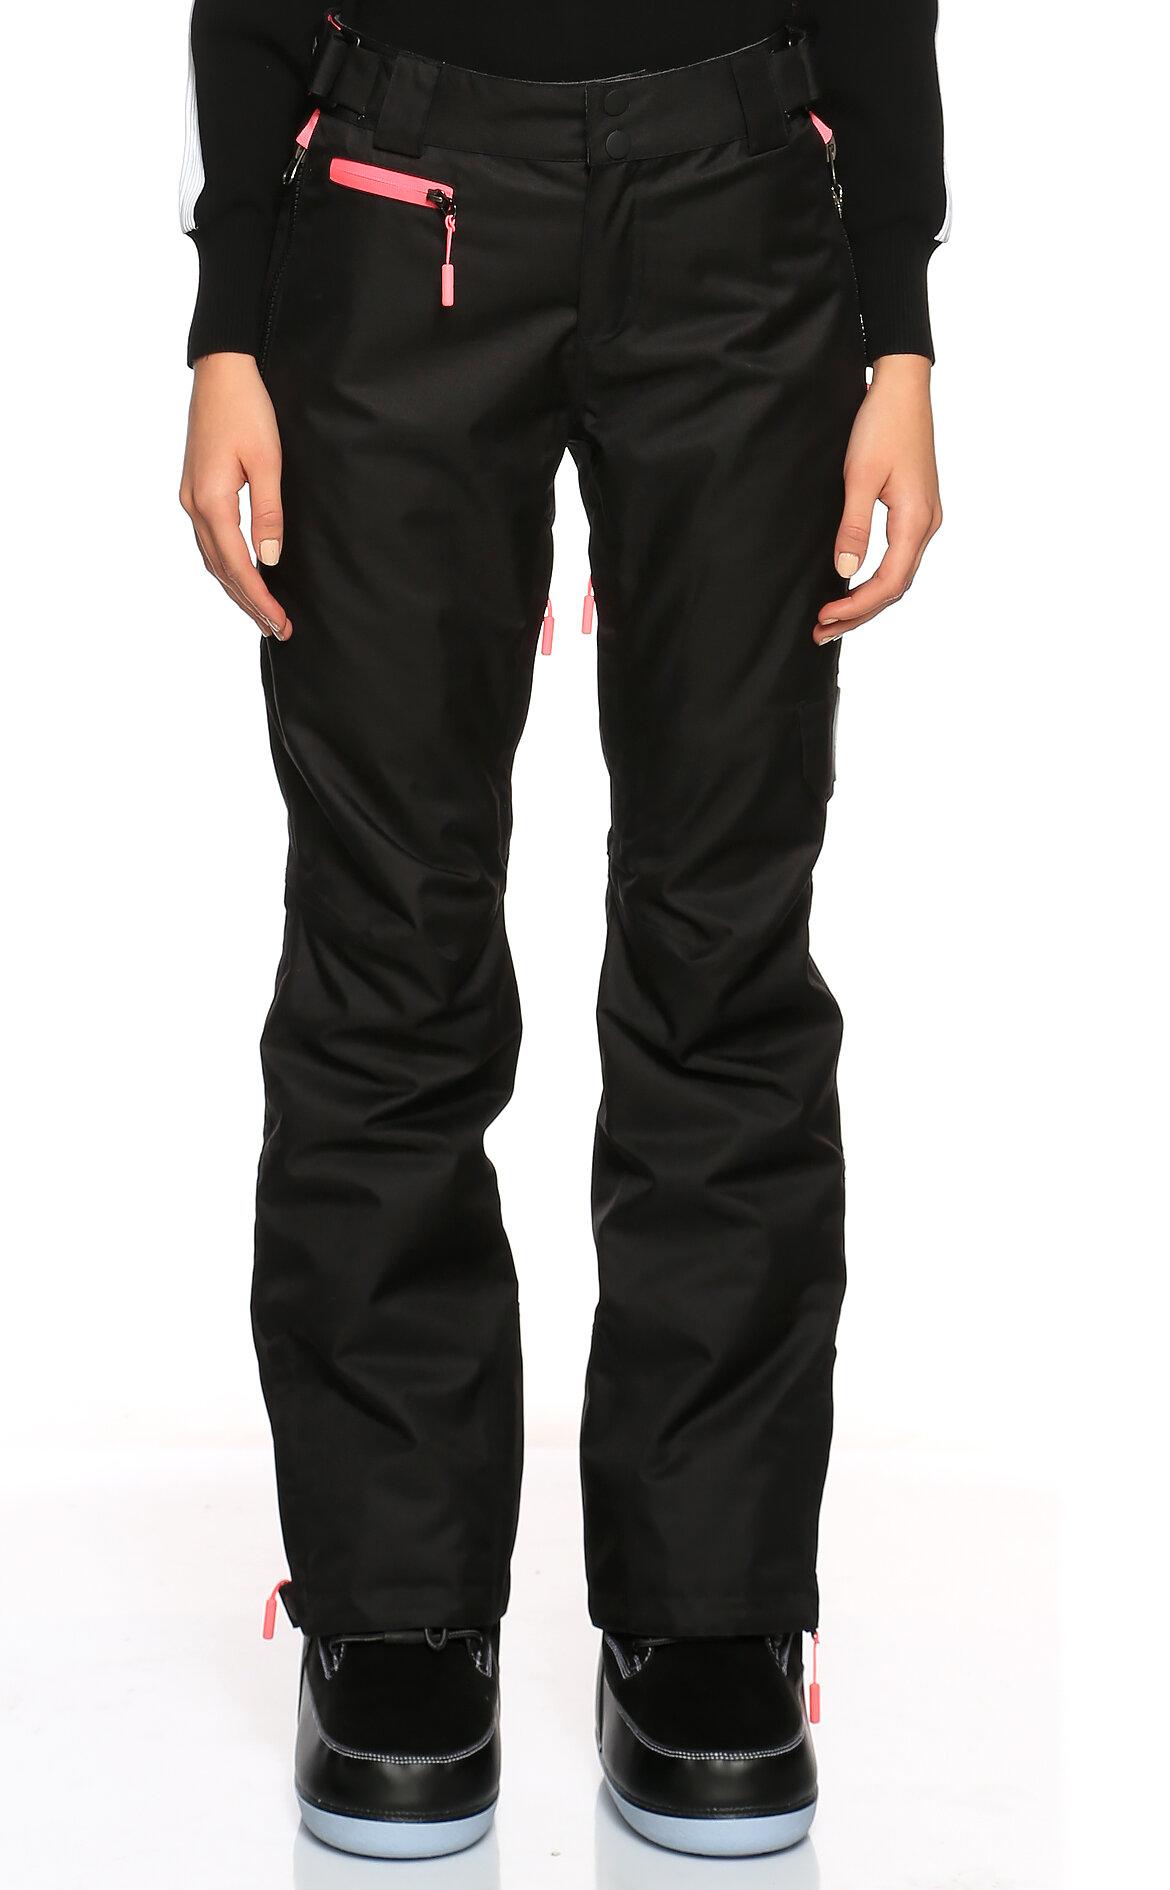 Superdry-Superdry Siyah Kayak Pantolonu